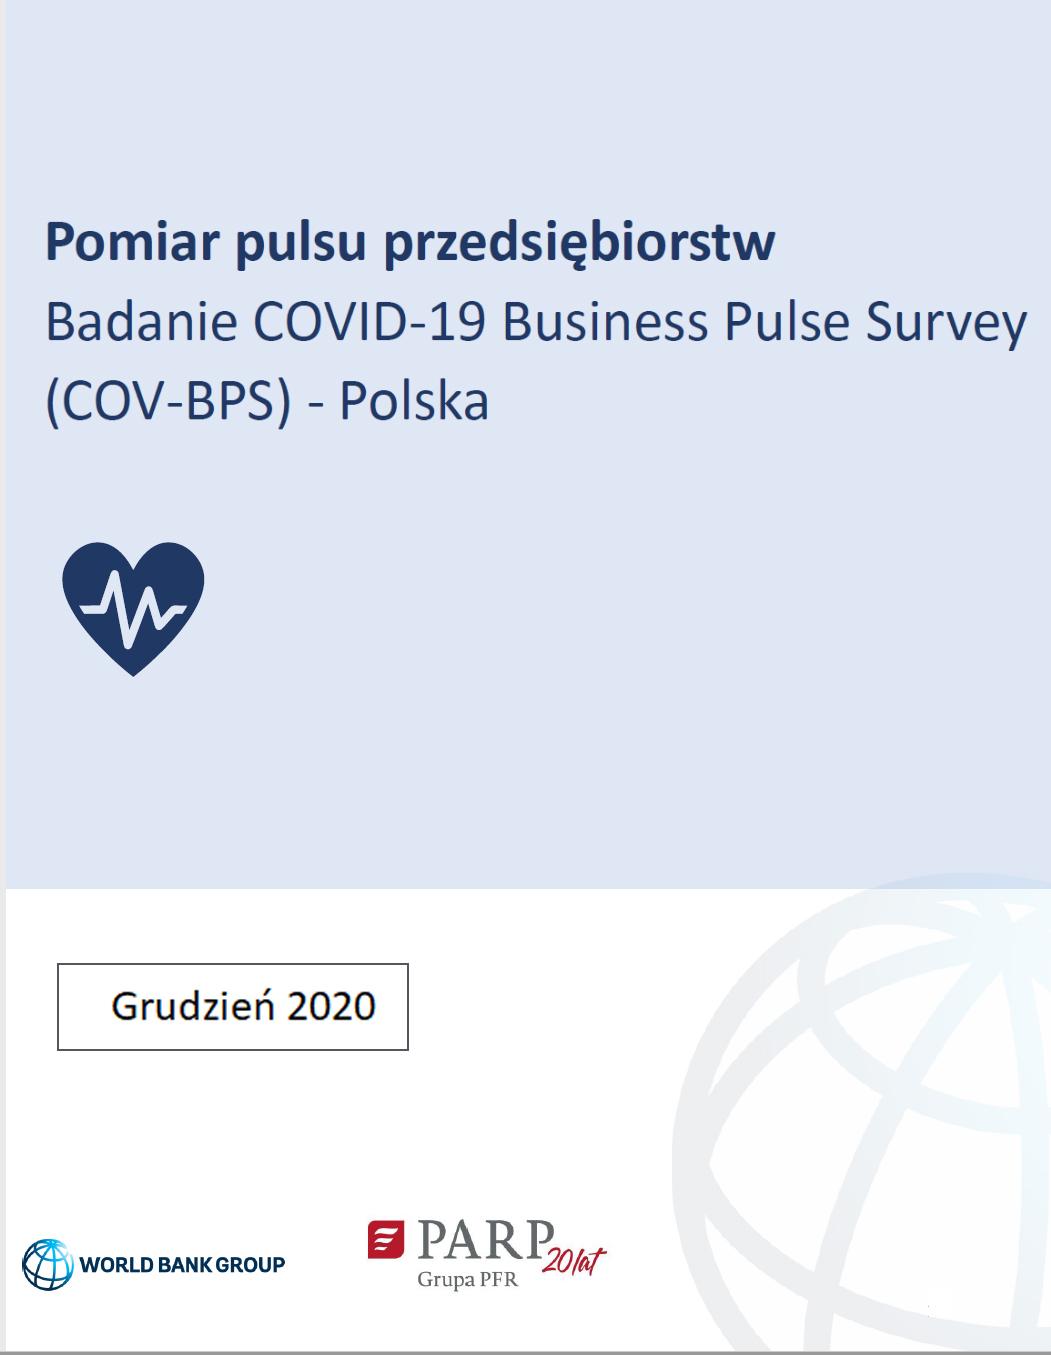 Pomiar pulsu przedsiębiorstw – druga edycja. Badanie COVID-19 Business Pulse Survey (COV-BPS) - Polska